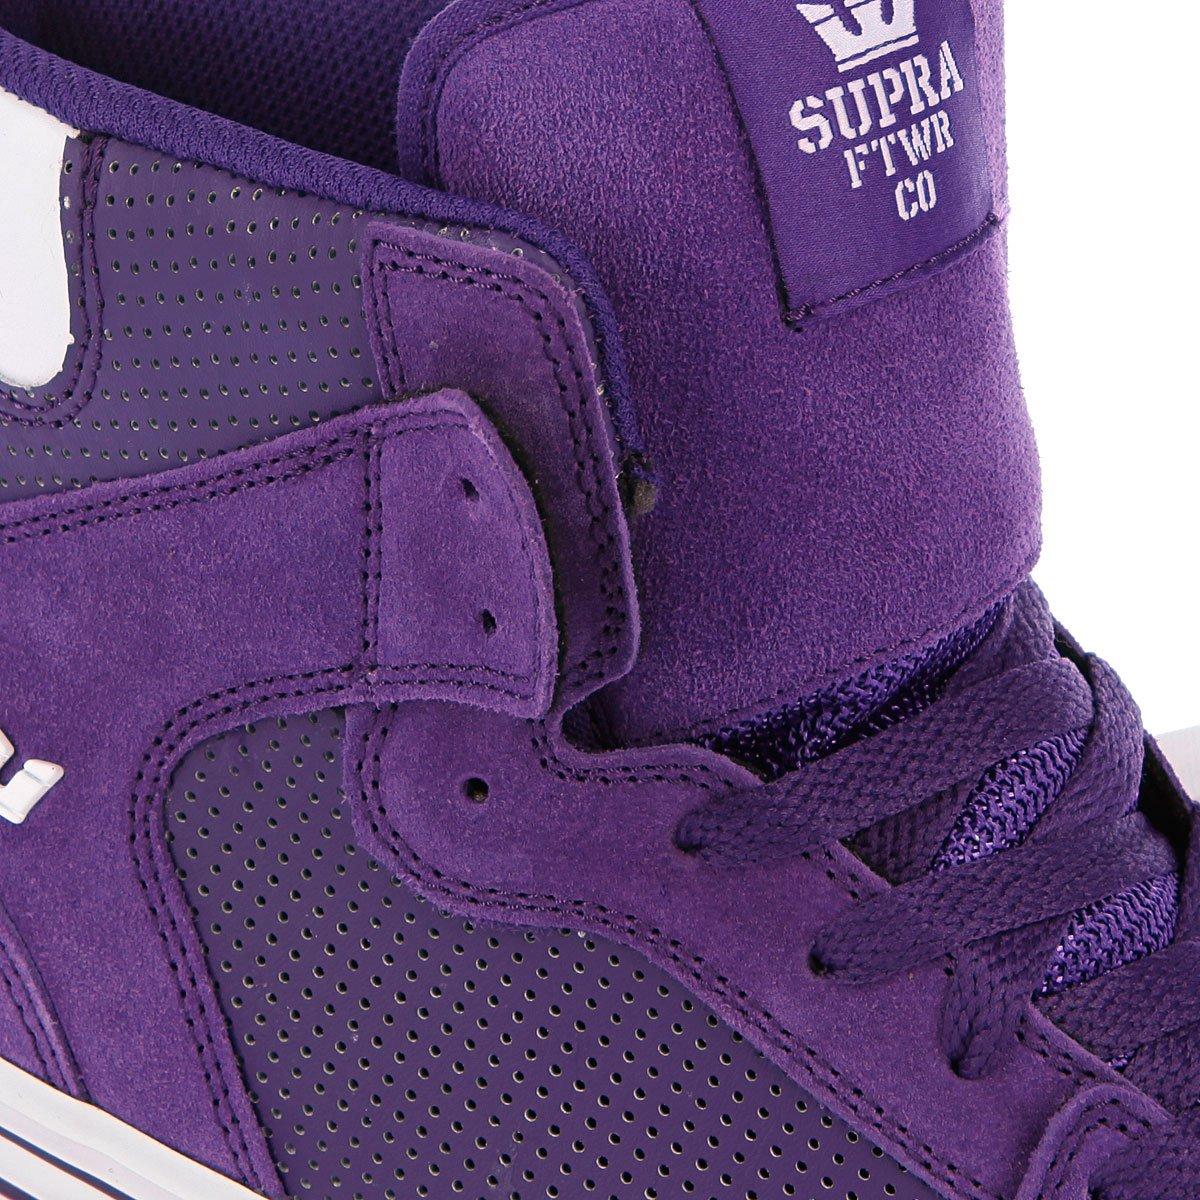 91fc9932 Купить кеды высокие Supra Vaider Purple/White в интернет-магазине ...